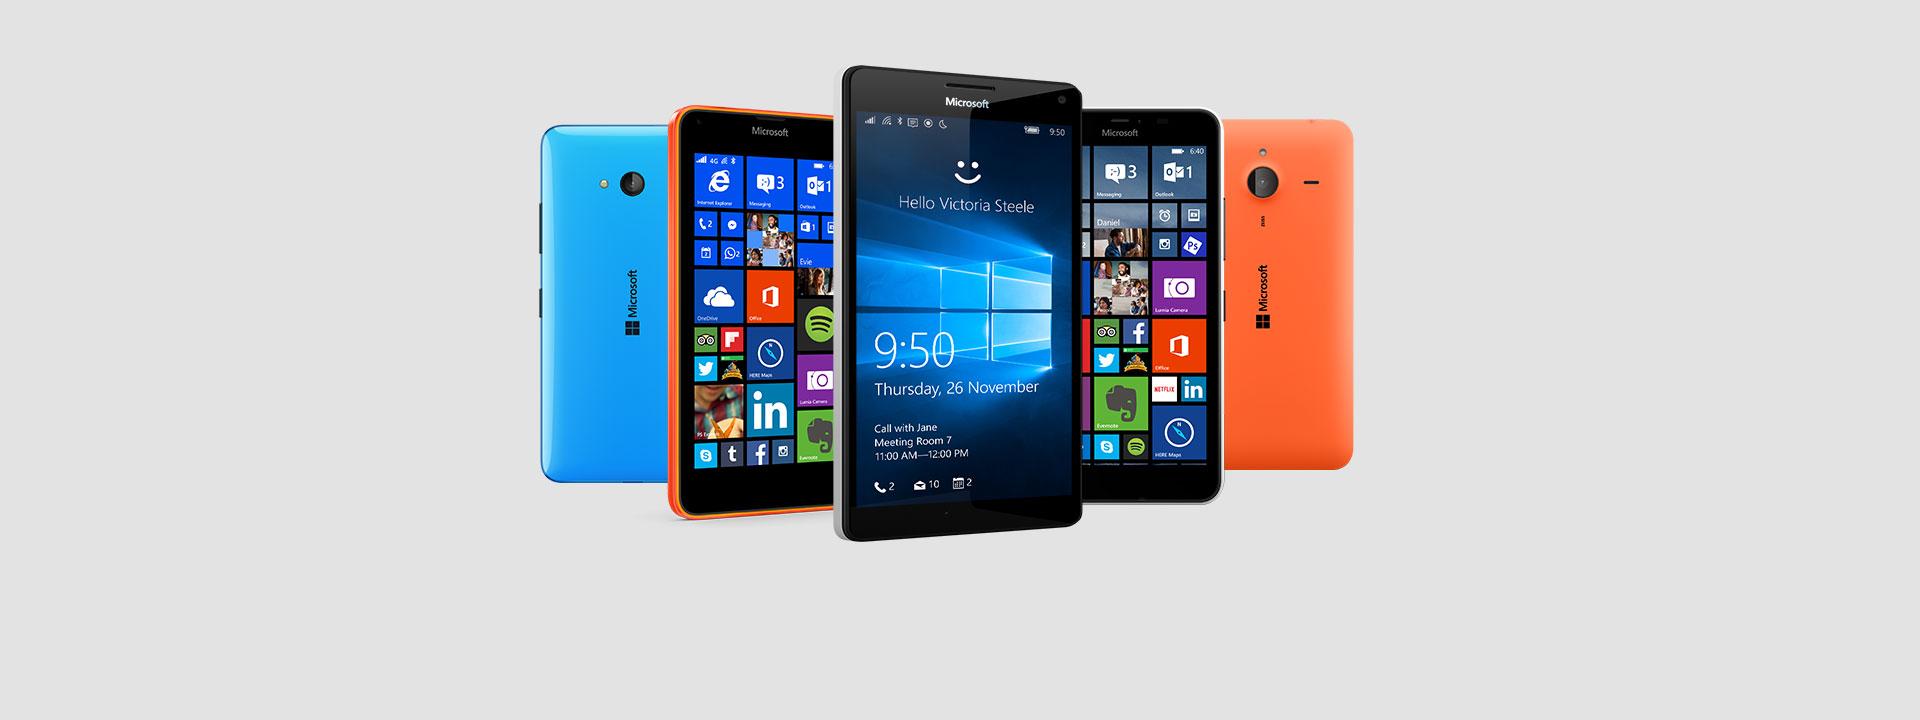 Telefoane Lumia, găsiți unul care vi se potrivește